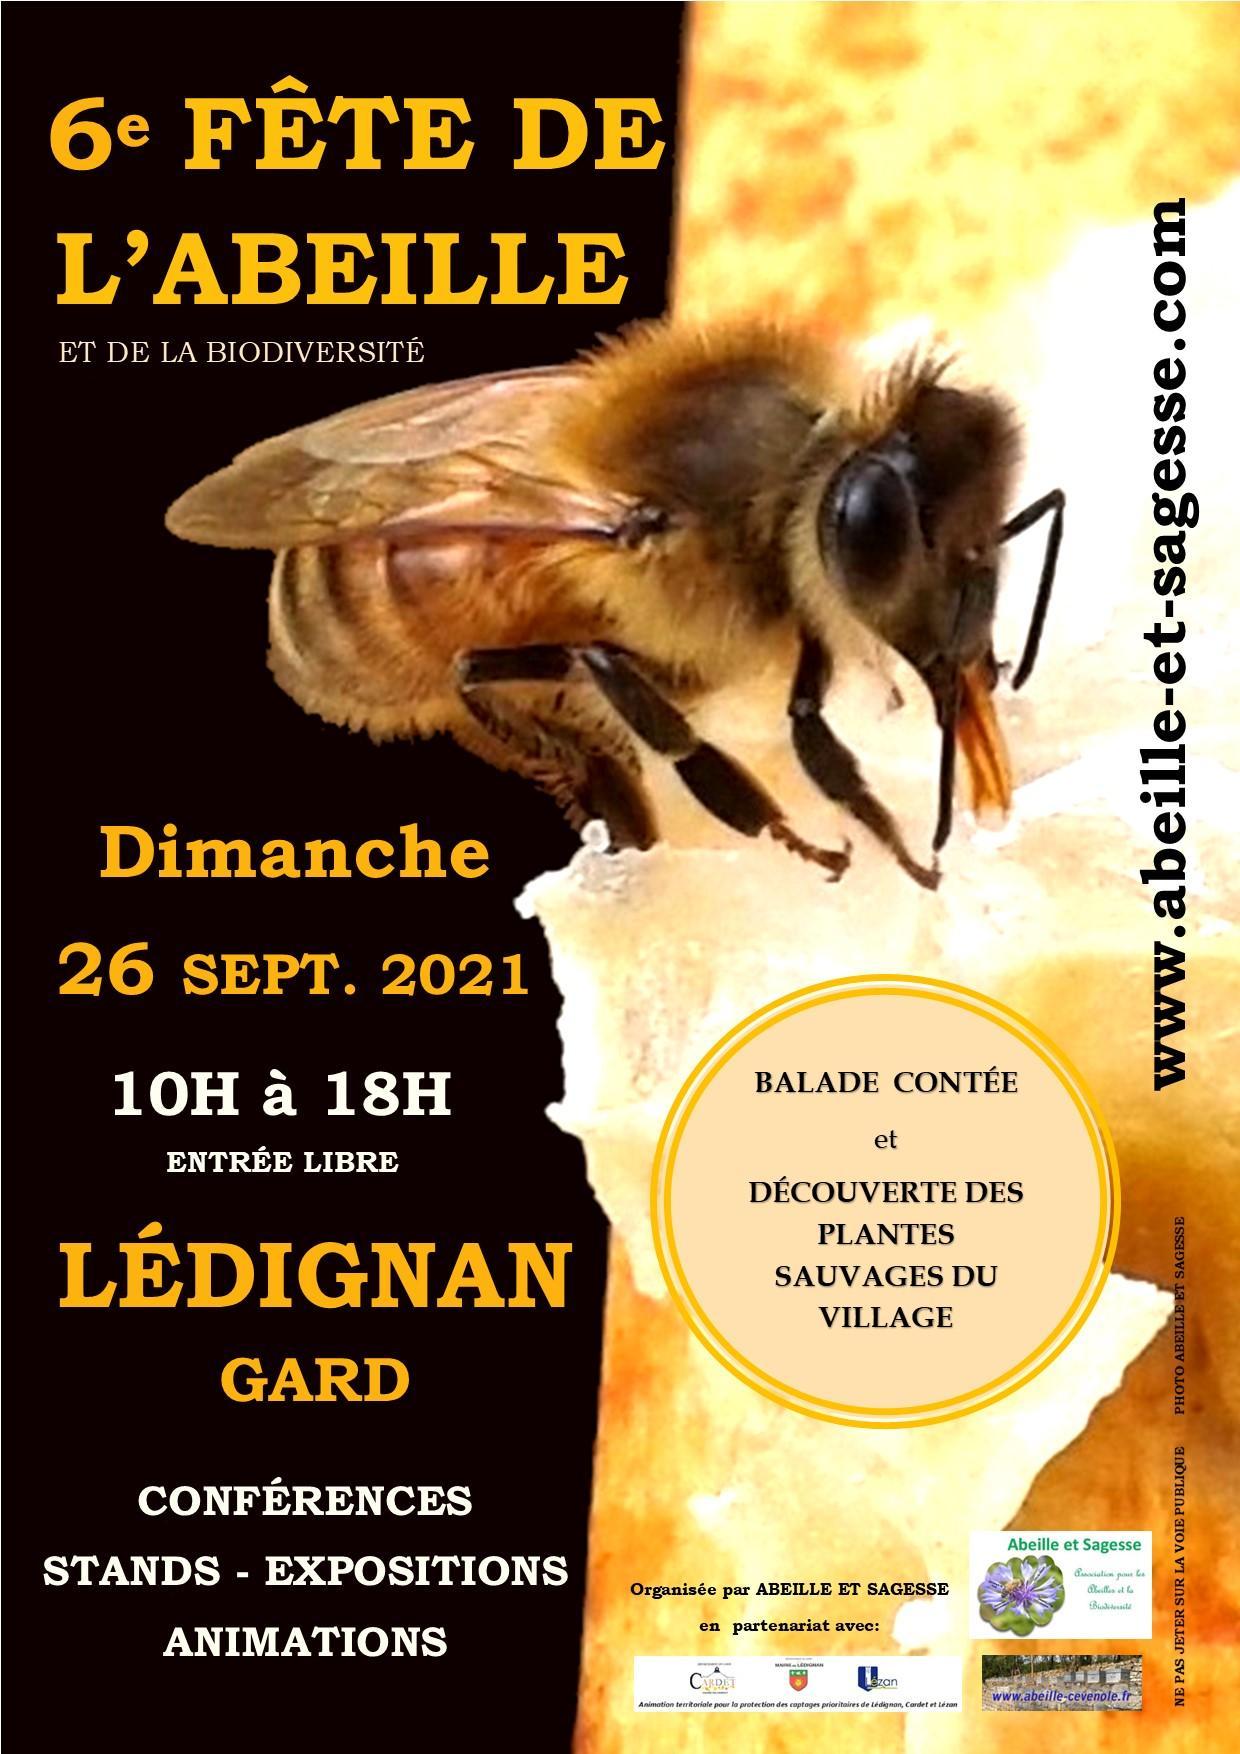 Affiche 6e fete abeille 2021 22 07 2021